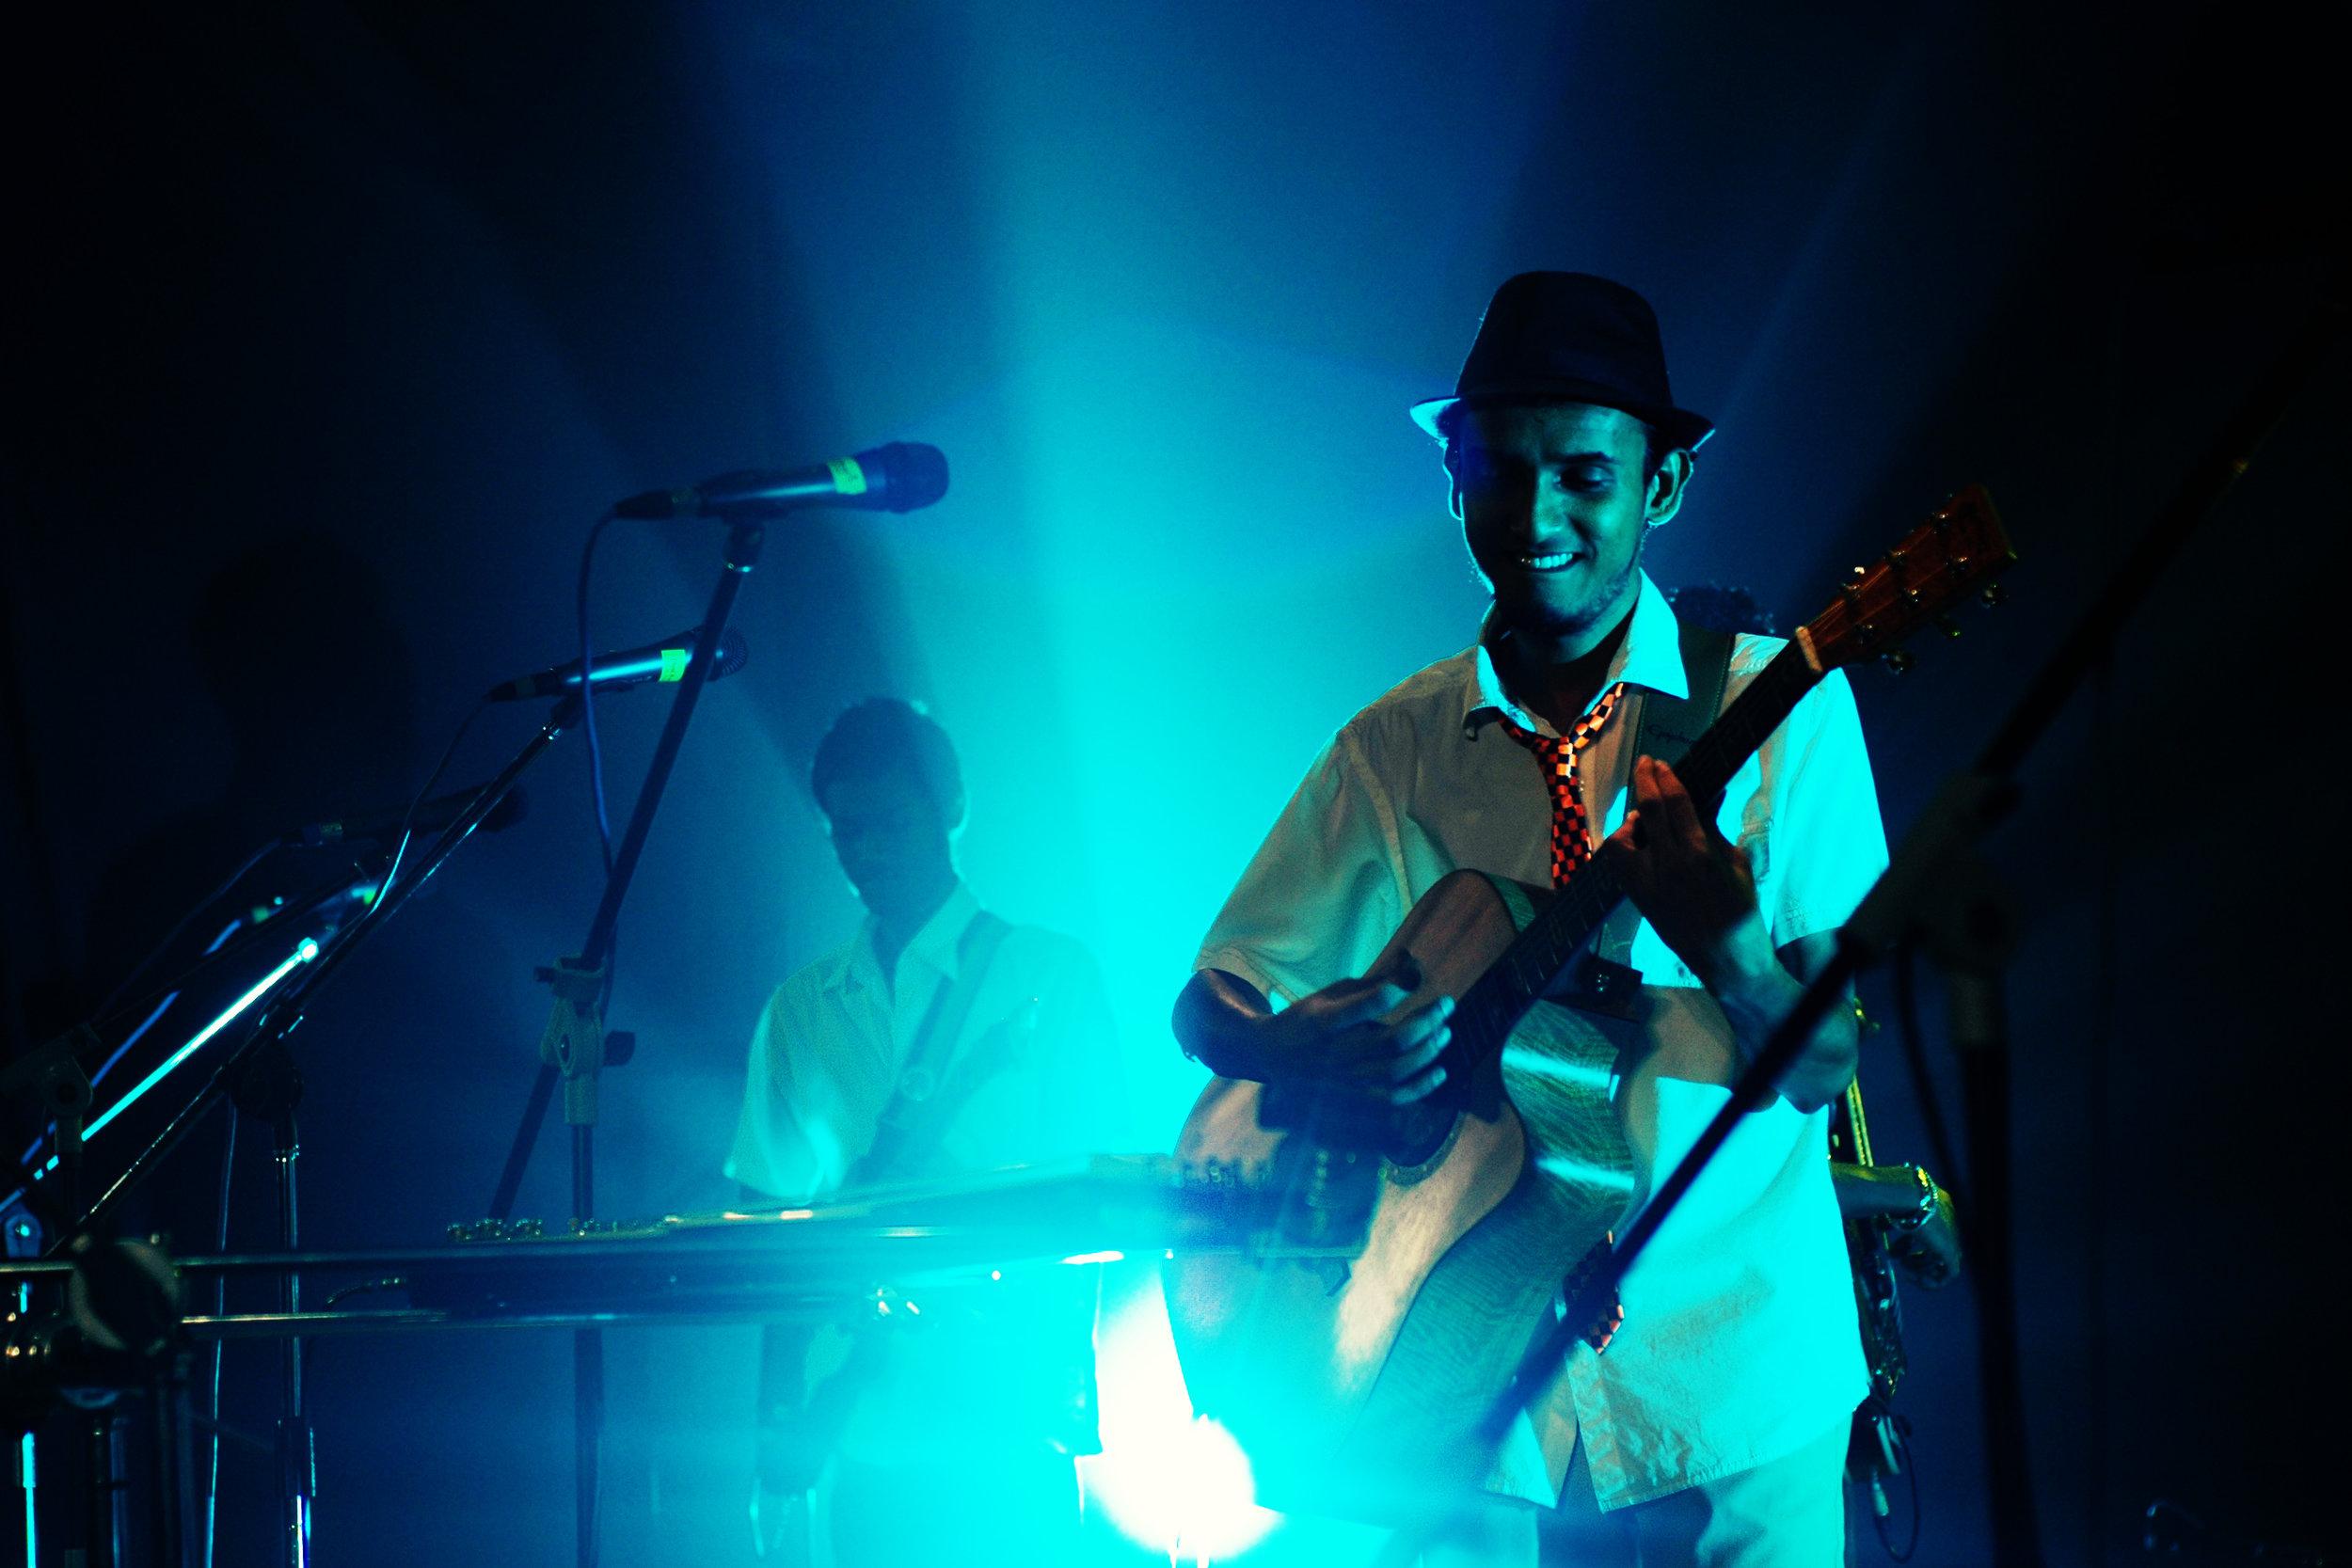 2009-08-19 - Male' City - Dharubaaruge' - Eku Ekee Album Launch - D70s-.jpg